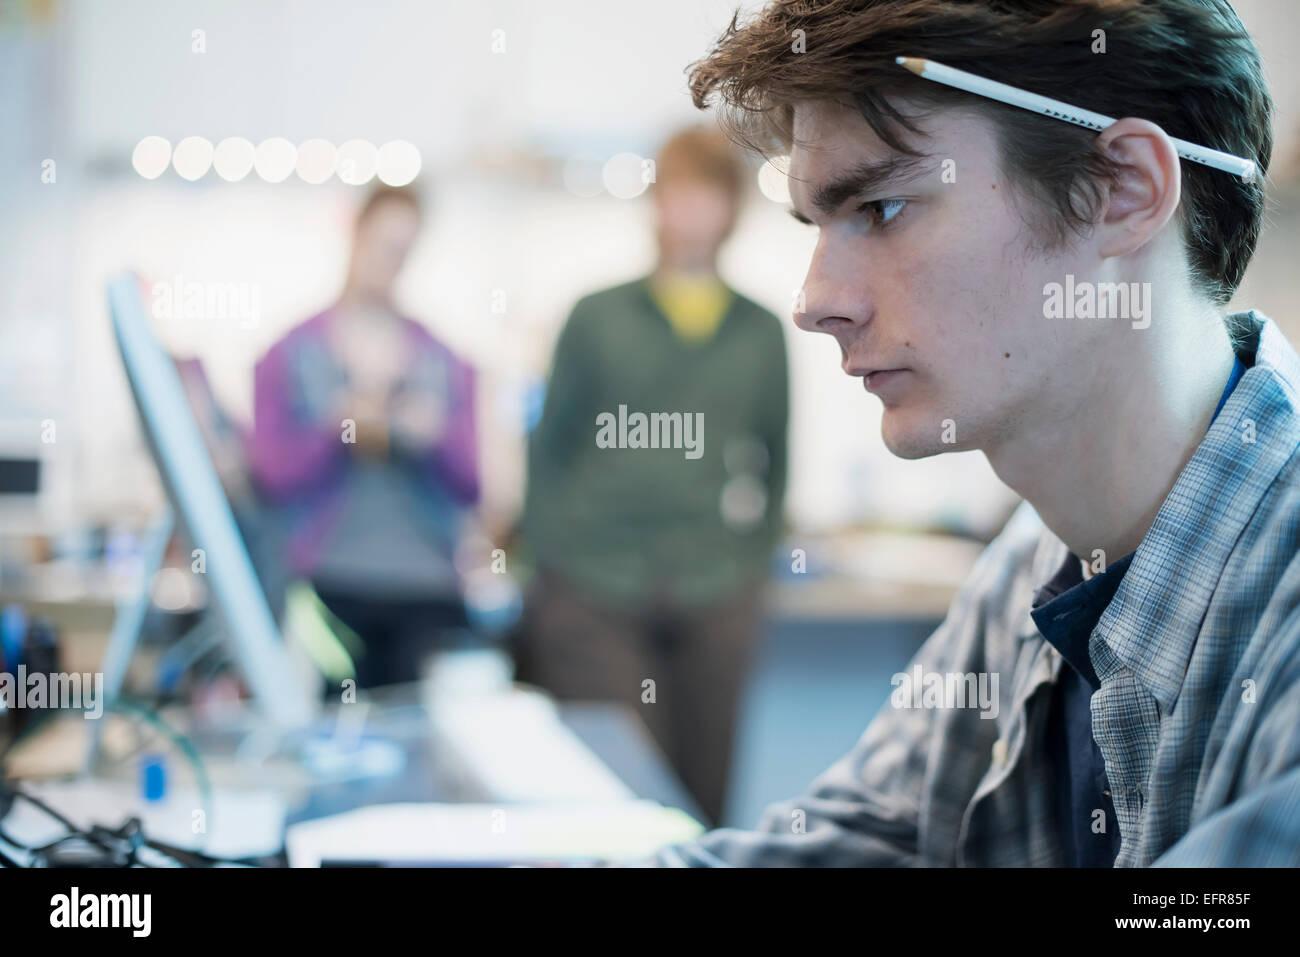 Una joven sentada en un ordenador en un taller de reparaciones. Dos personas en el fondo. Imagen De Stock